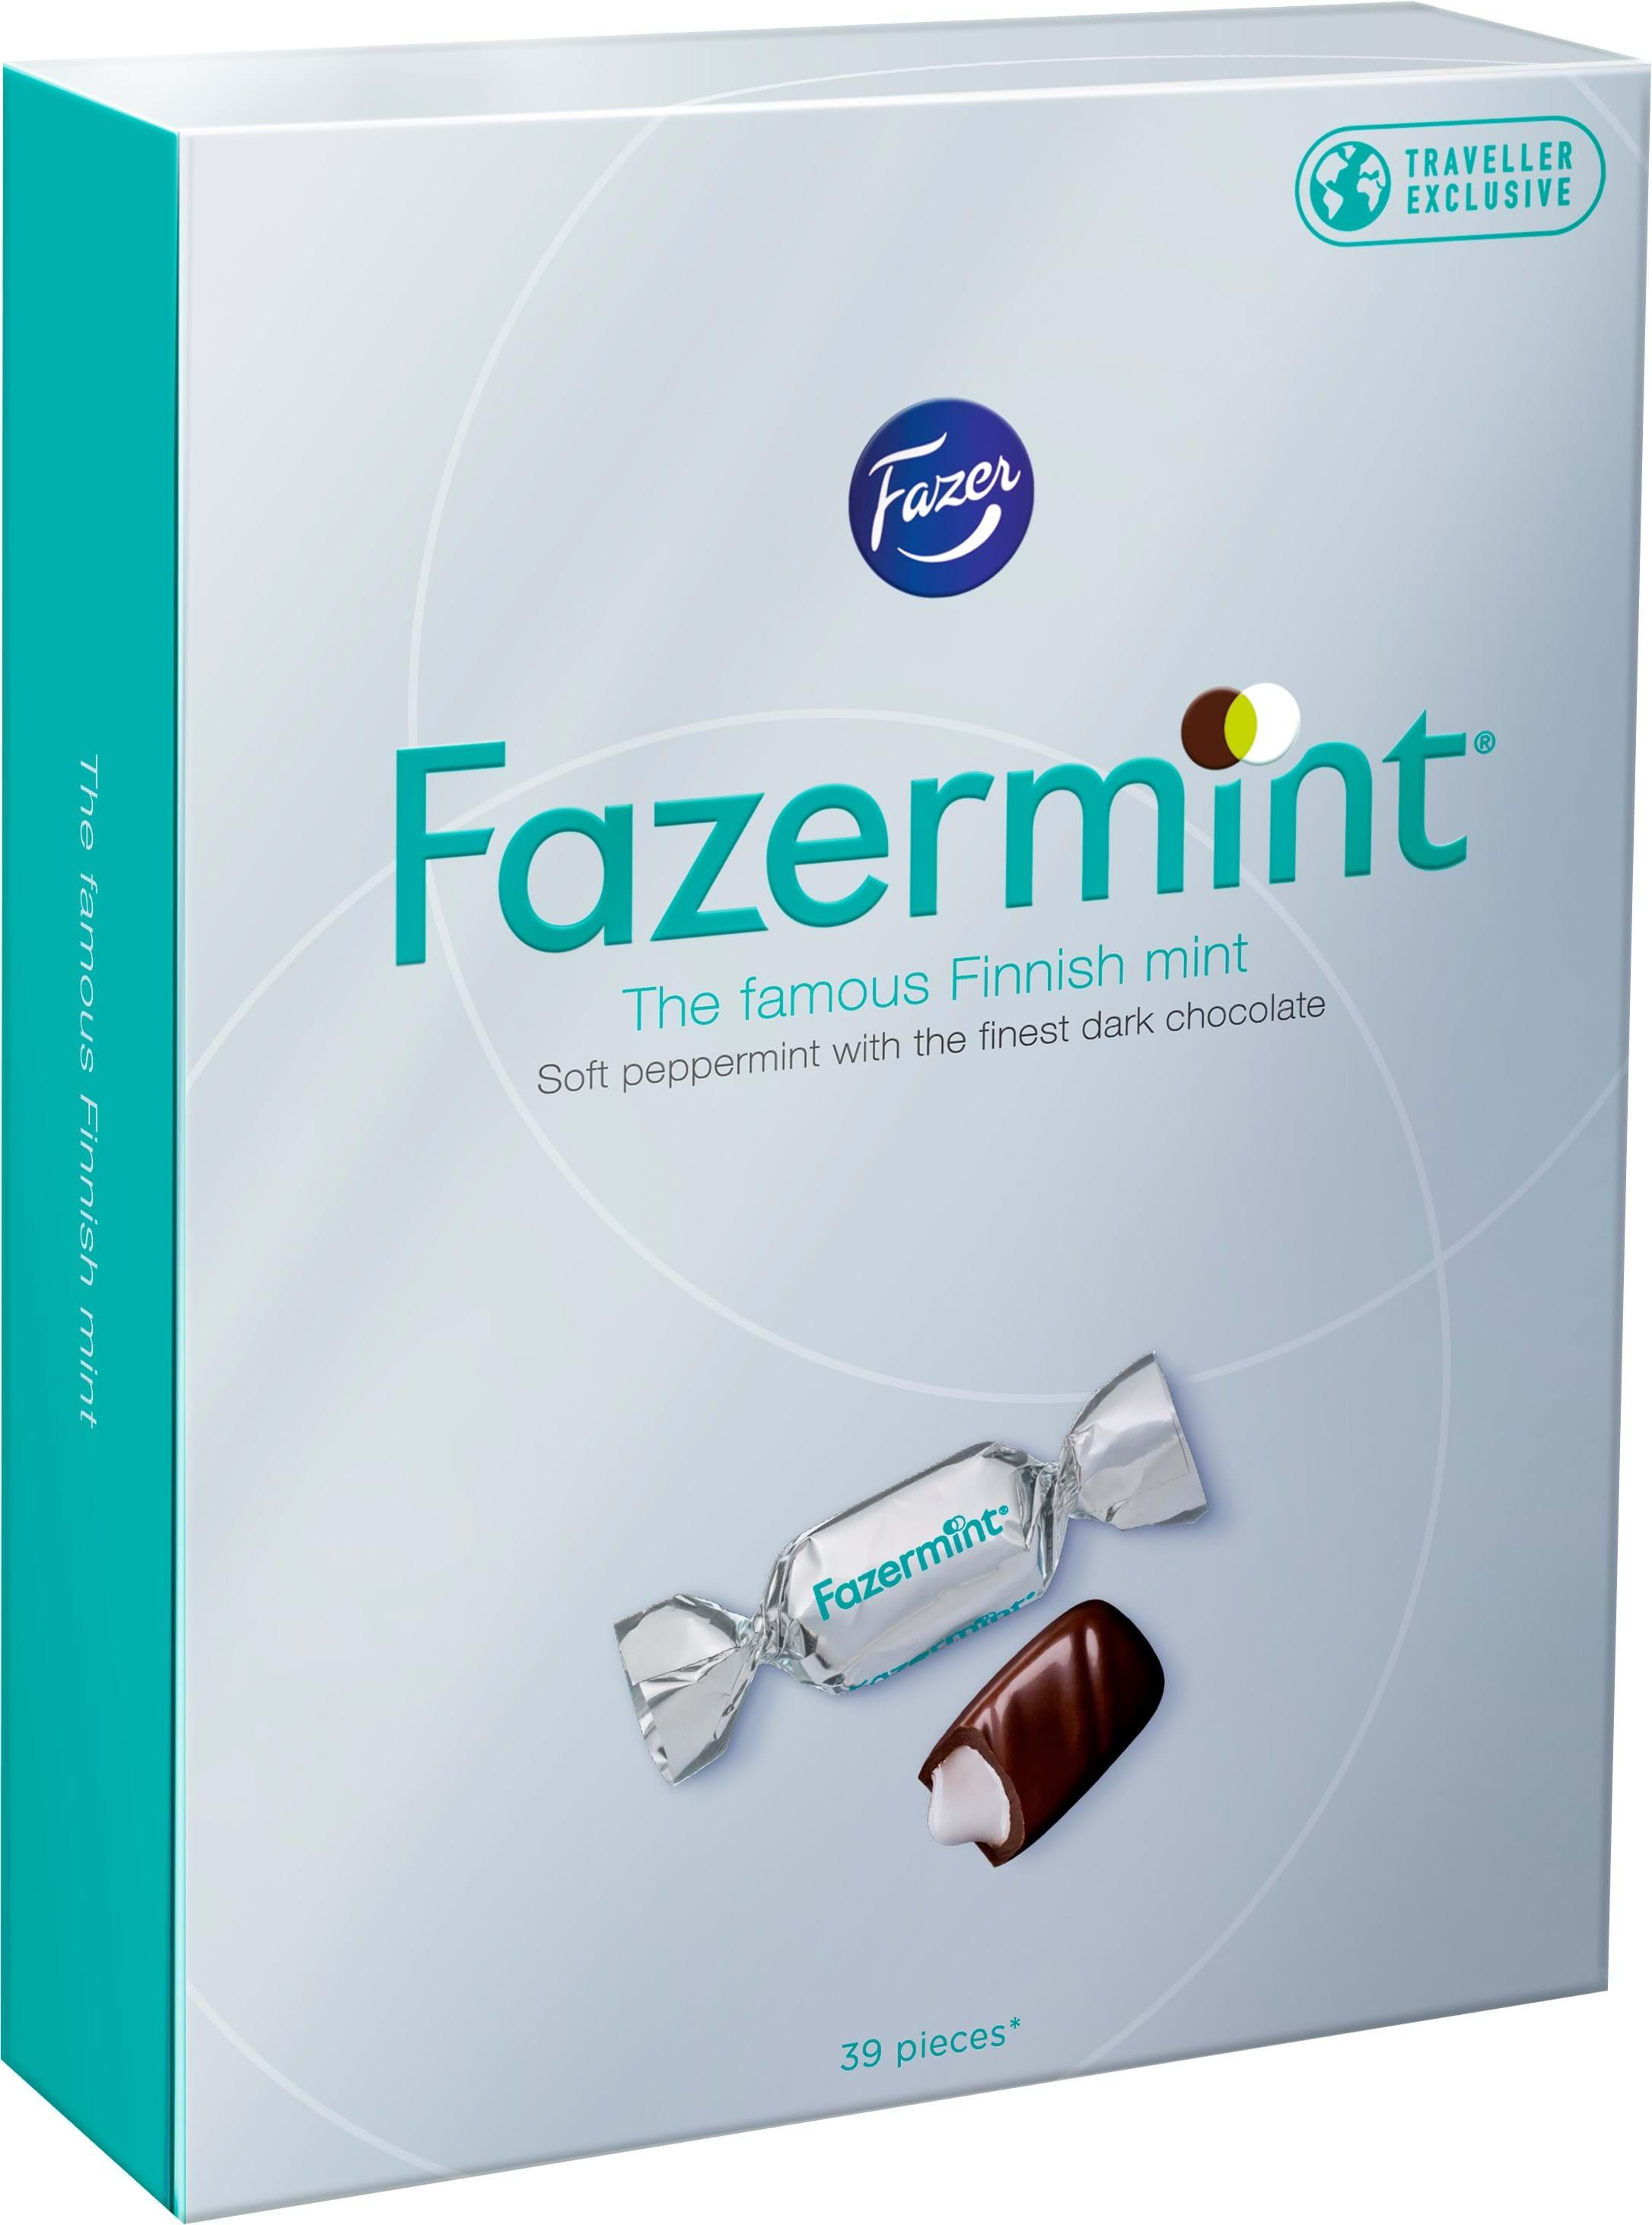 Fazermint Travel Box 300g